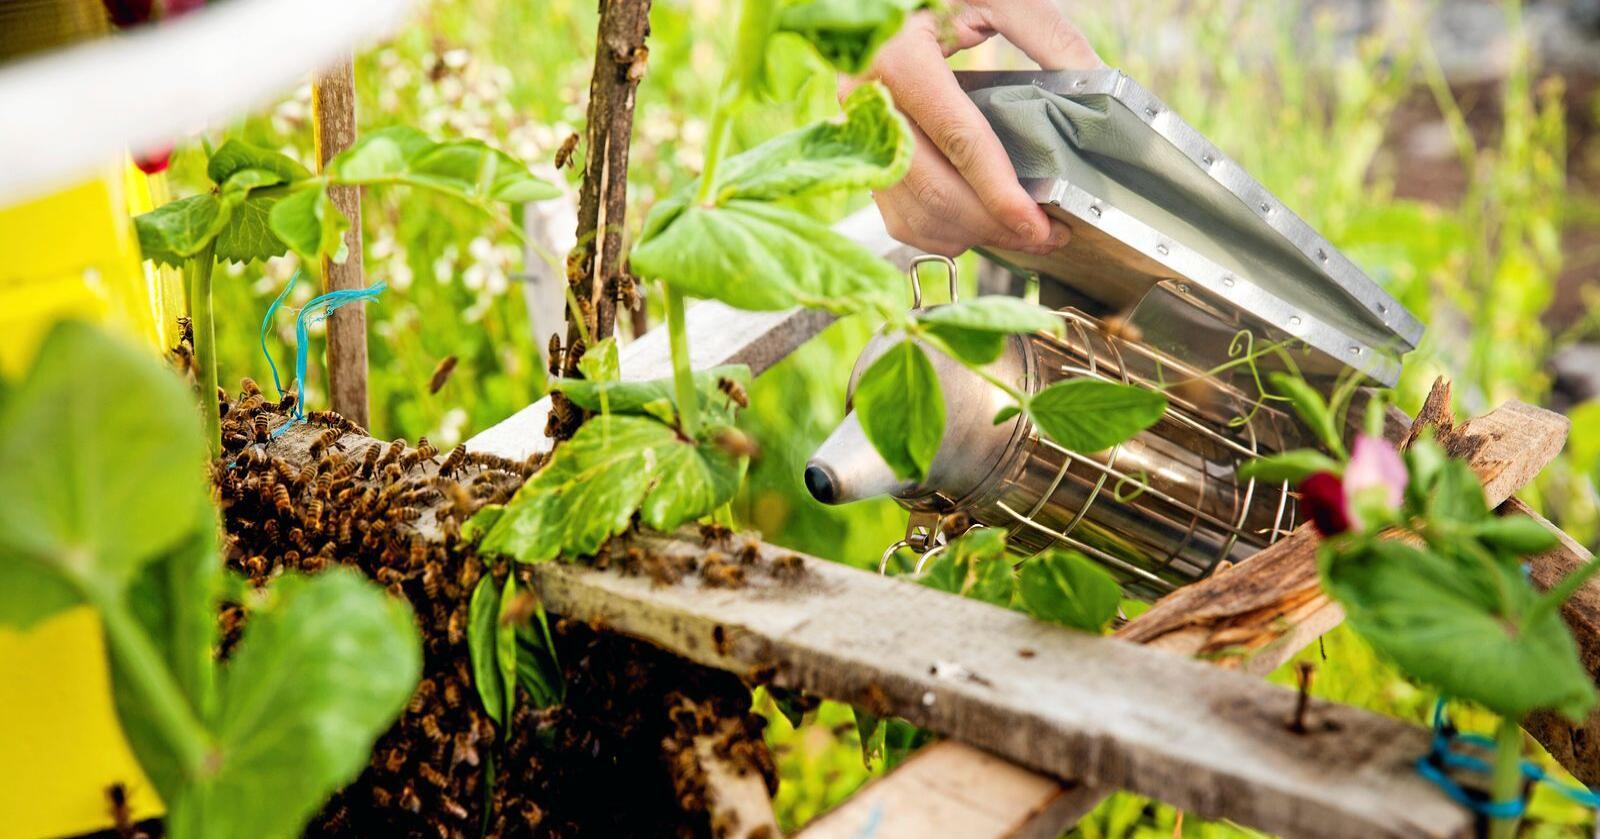 Birøkting: Hvordan kan prisen for økologisk honning bli så høy? Foto: Aleksander Solum / NTB scanpix